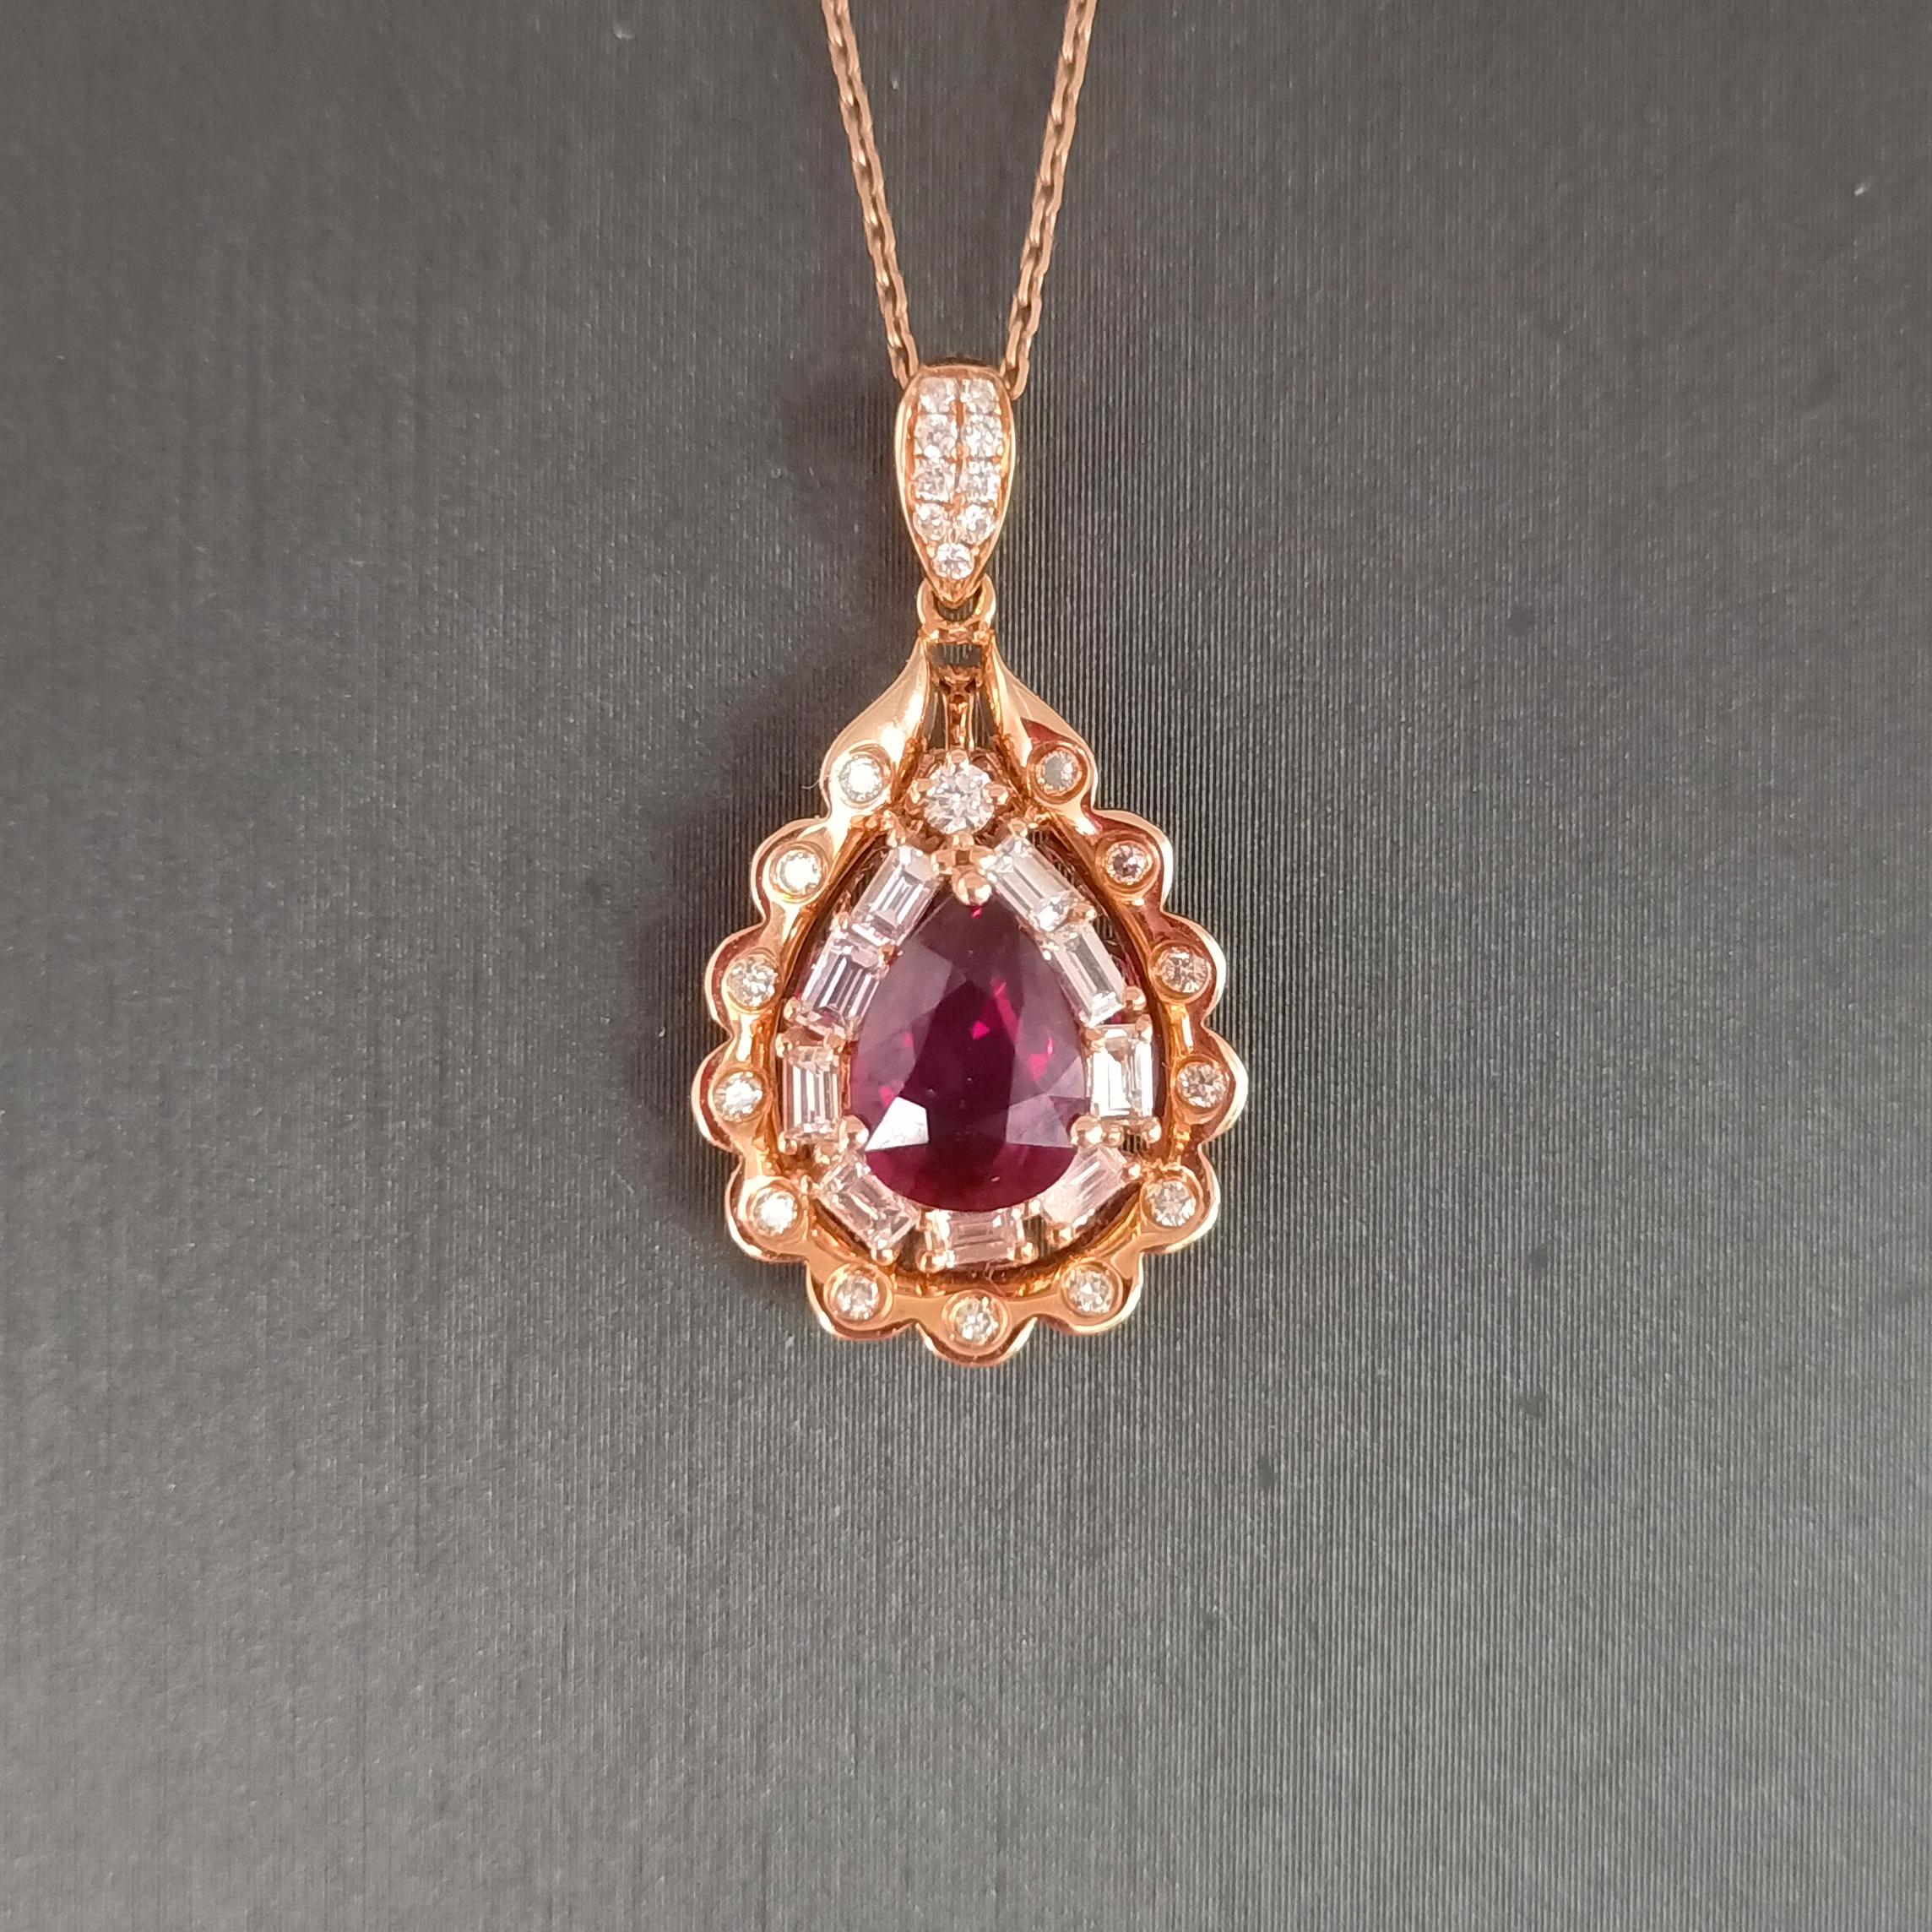 【吊坠】18K金+红宝石+钻石 宝石颜色纯正 主石:1.16ct/1P 货重:2.62g